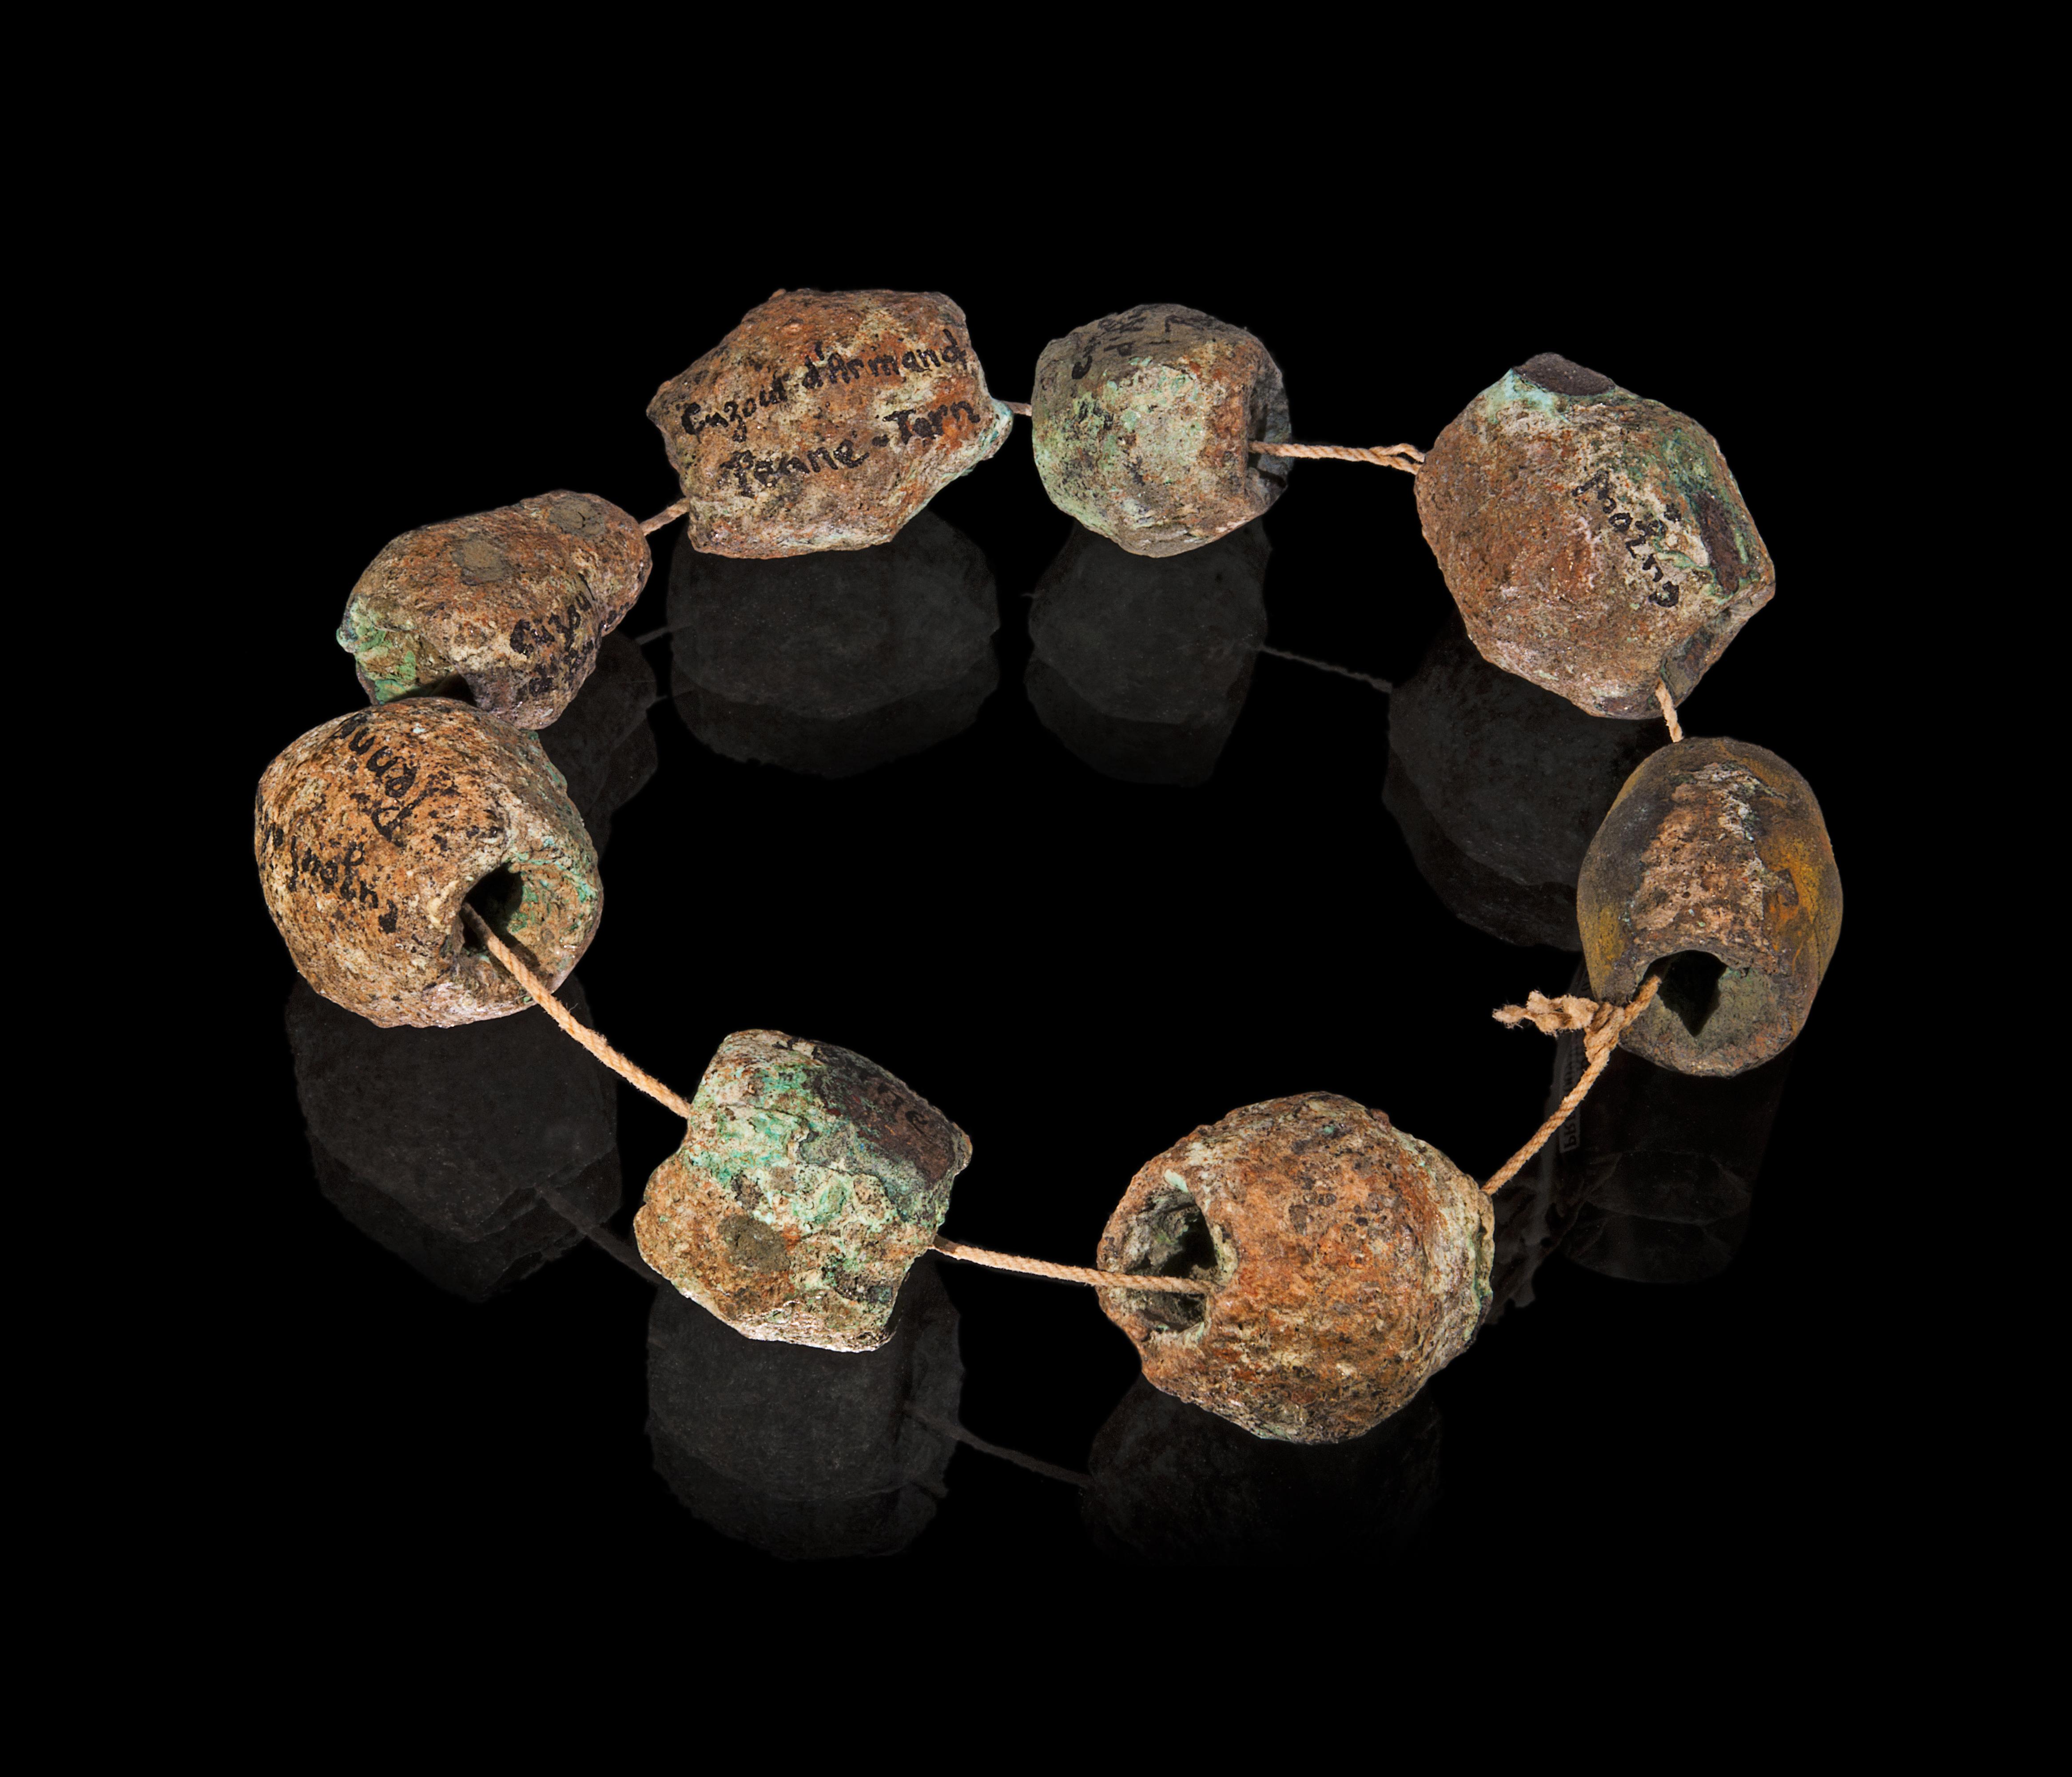 ... бронзовый век - Википедия.